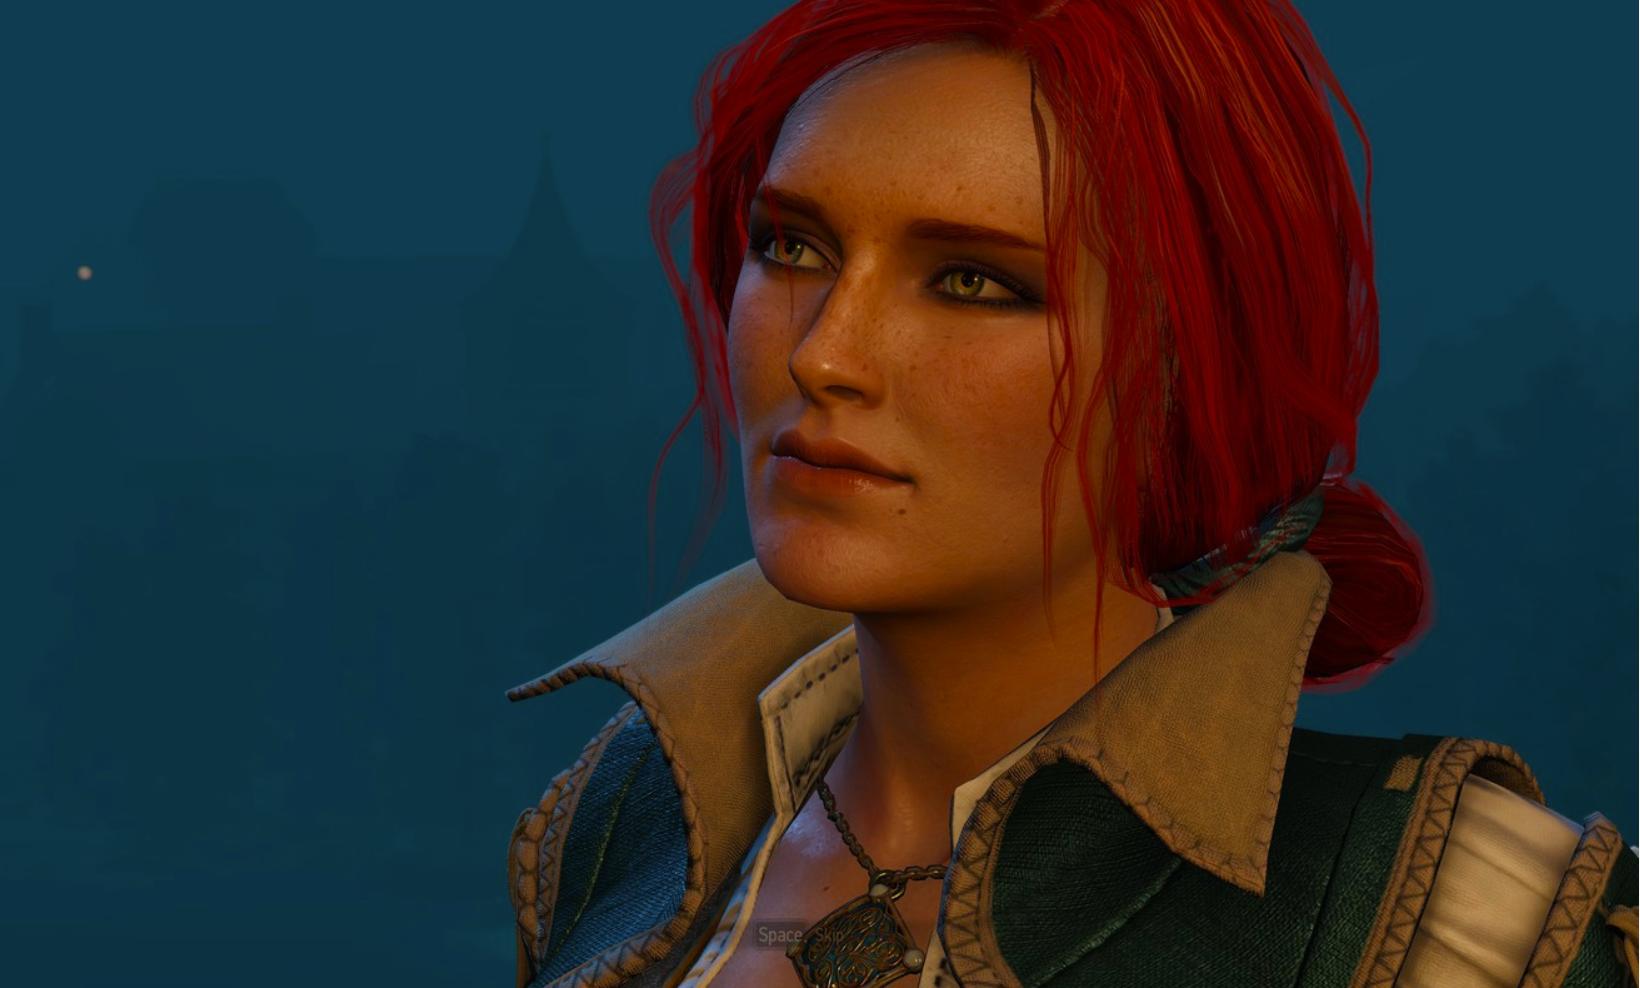 Triss Merigold est un personnage très populaire de The Witcher